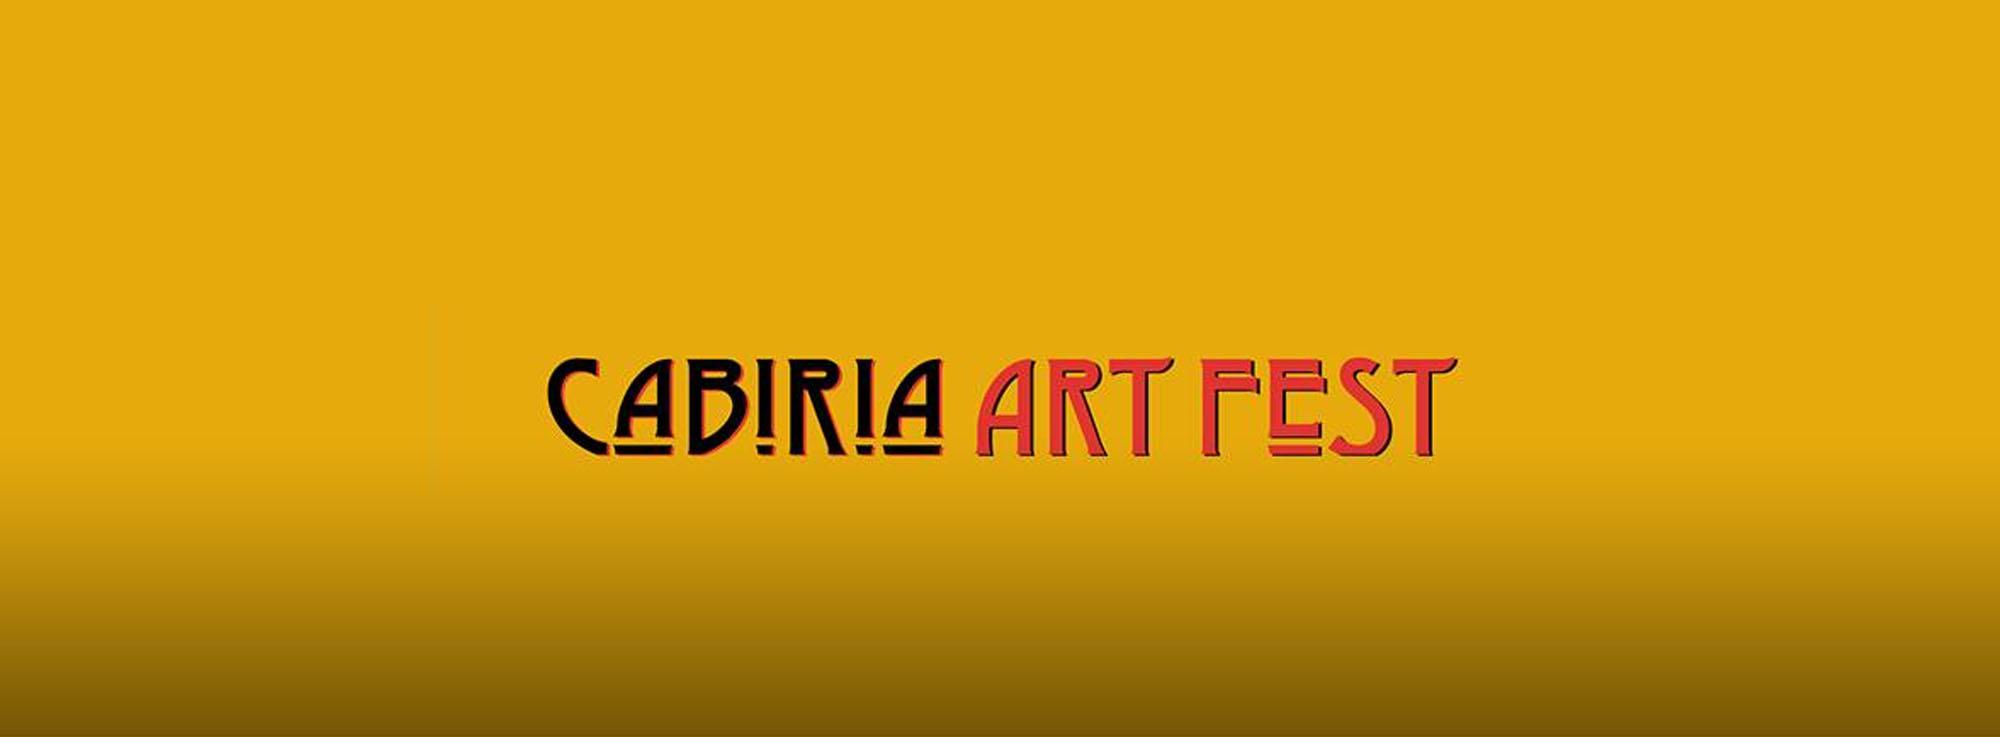 Mesagne: Cabiria Art Fest